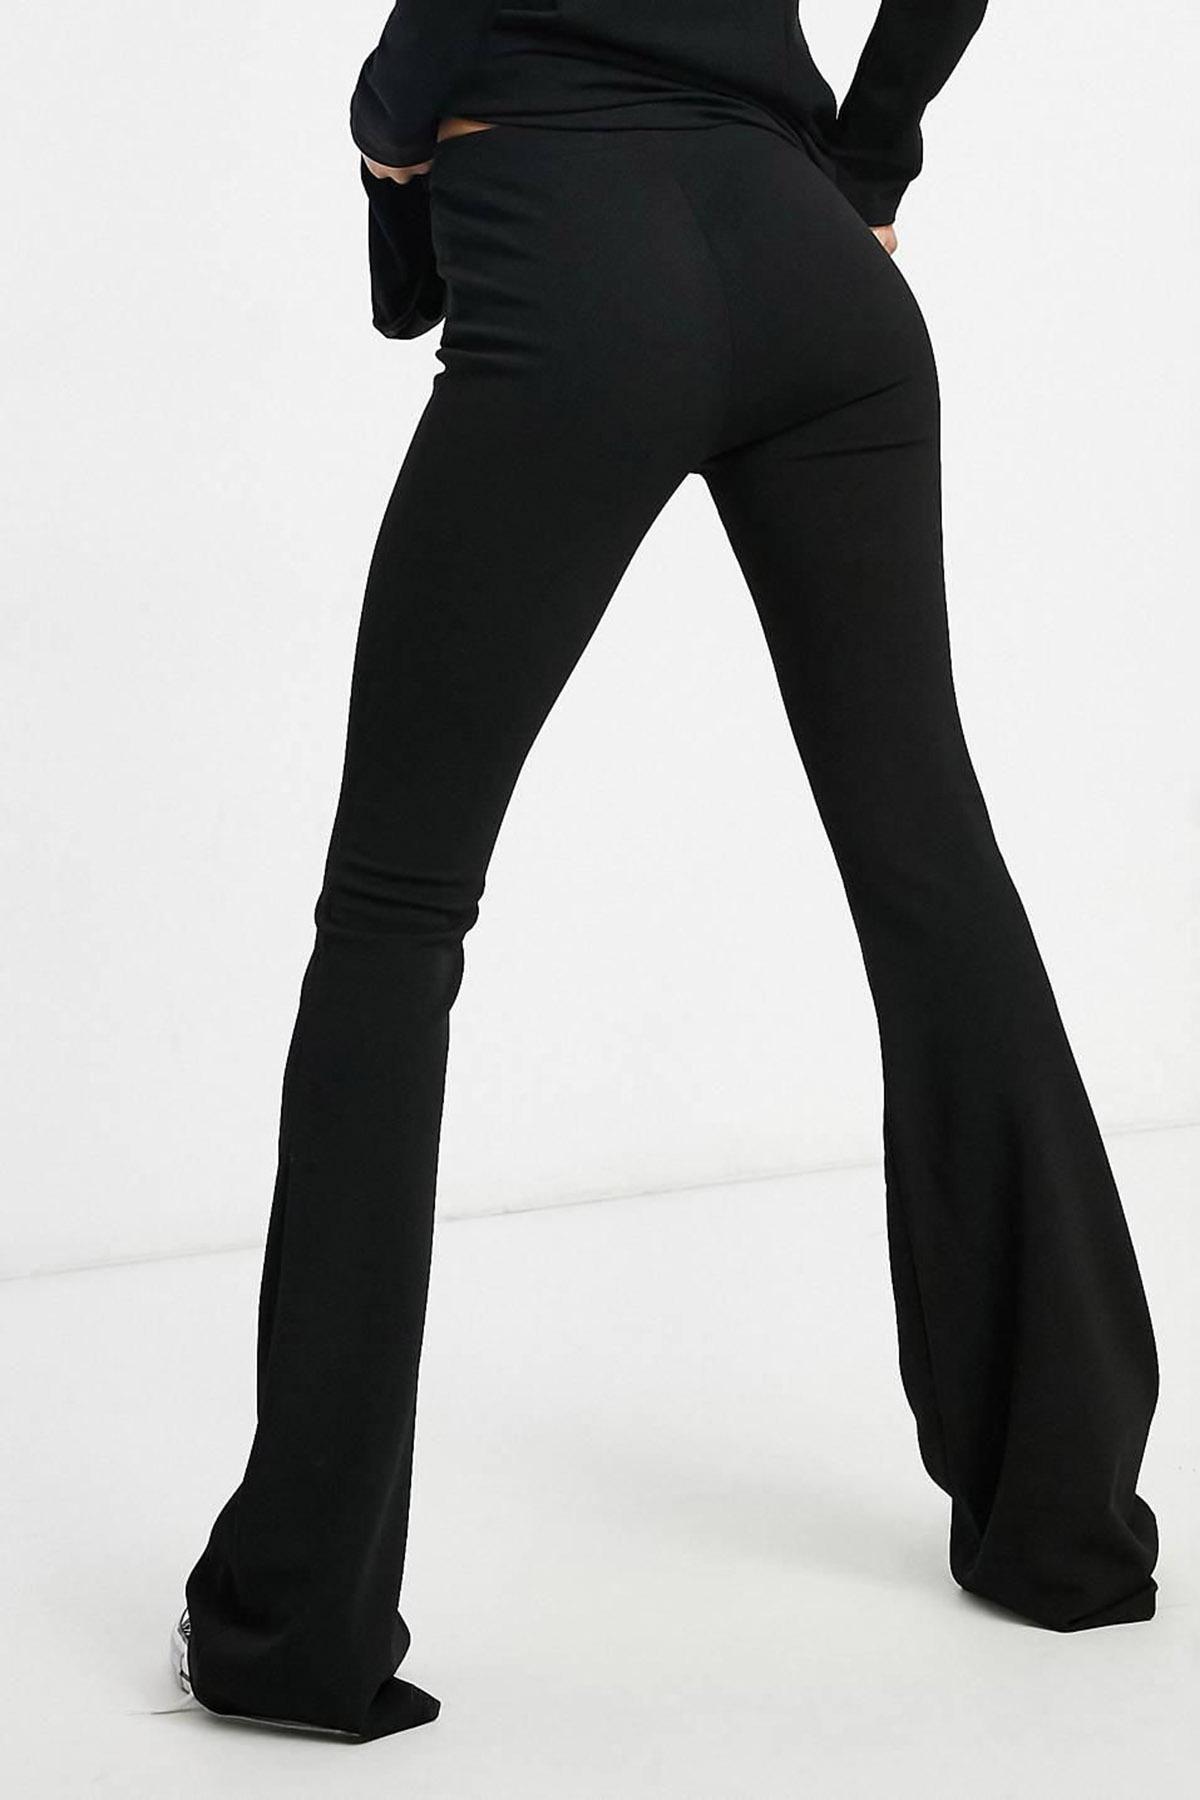 Siyah Dalgıç Kumaş İspanyol Paça Tayt 2KXK5-45459-02